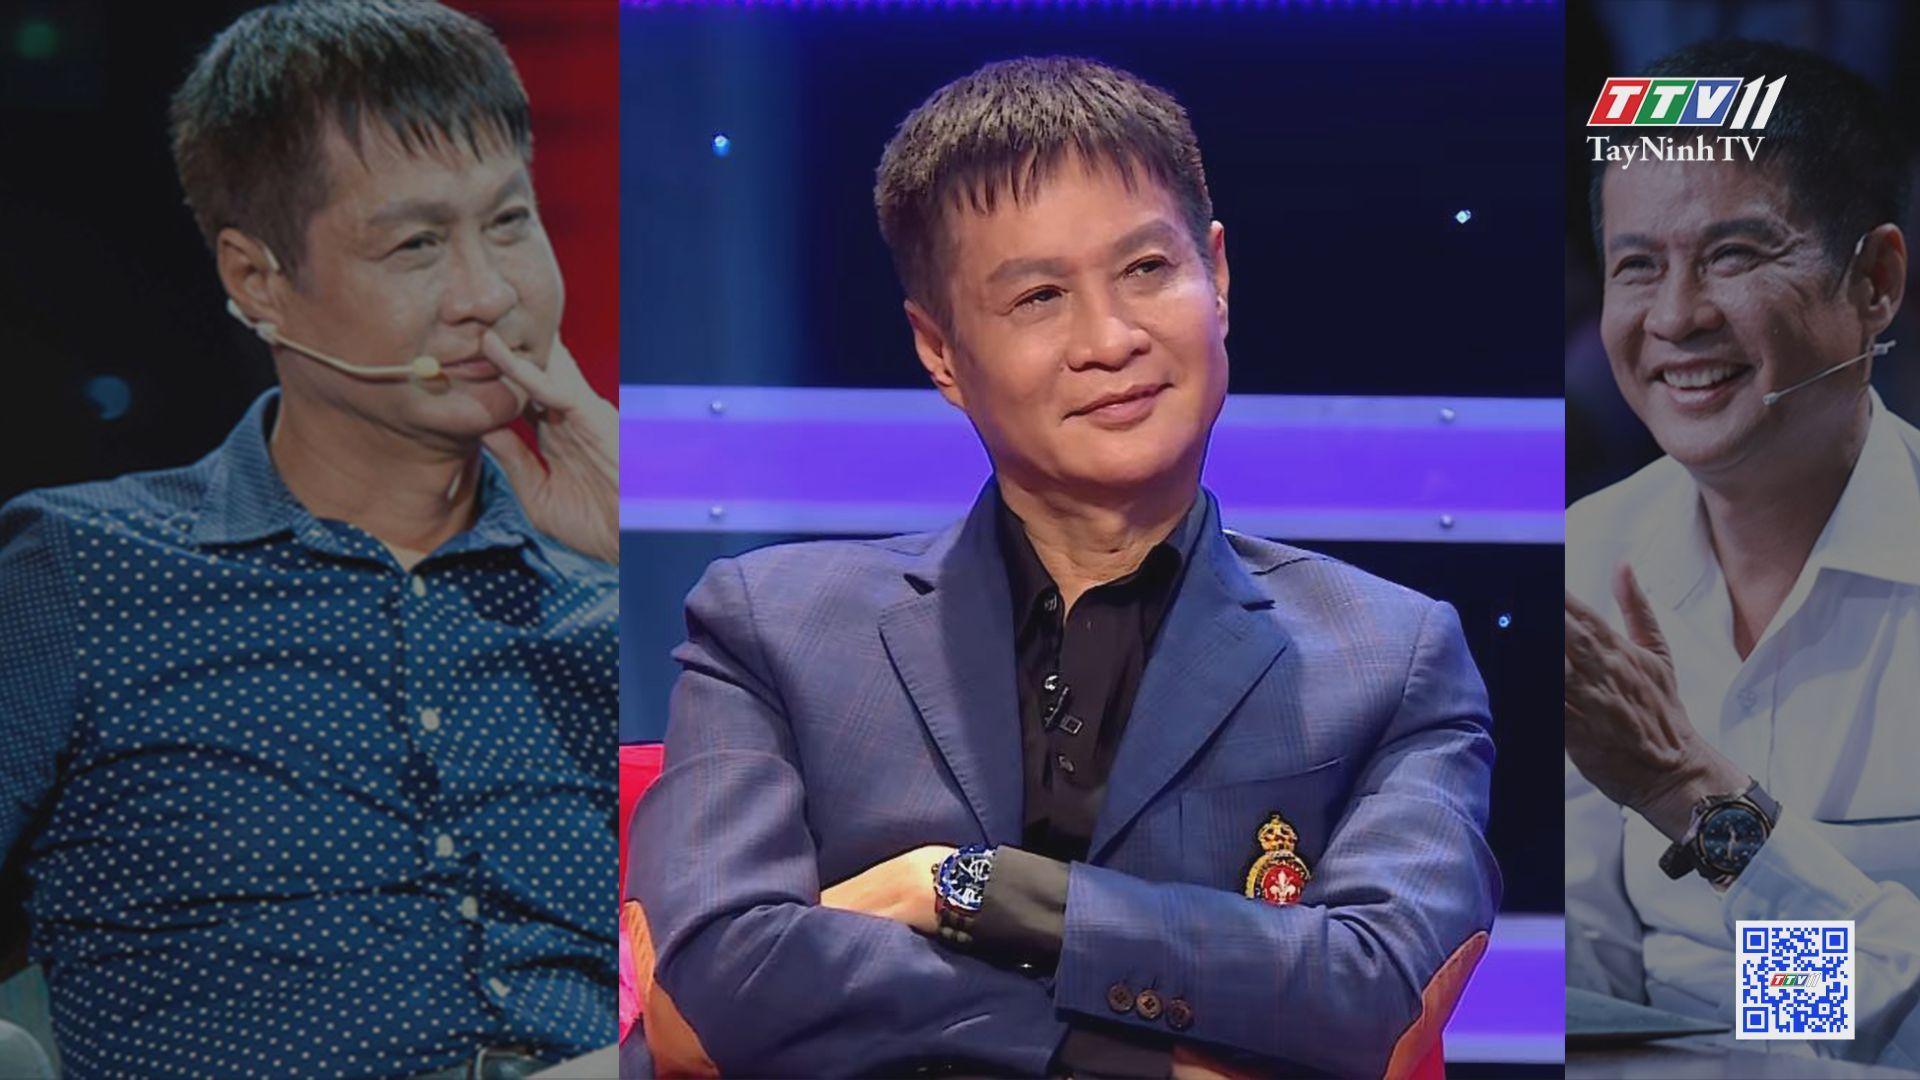 Tập 30 năm 2021_Đạo diễn Lê Hoàng: nếu so với bạn bè thì tôi thua xa lắm | HẠNH PHÚC Ở ĐÂU | TayNinhTV